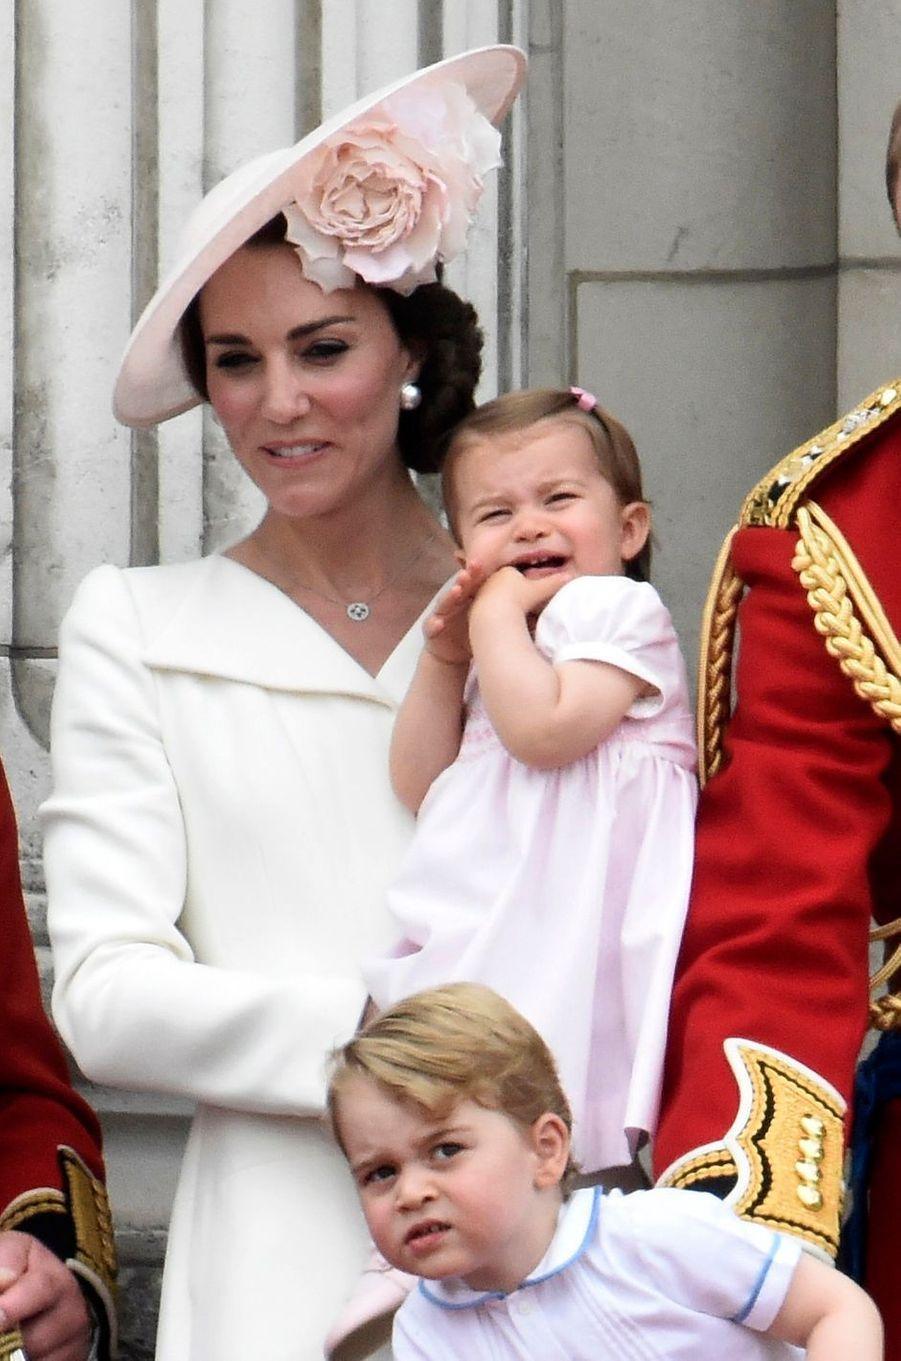 La princesse Charlotte de Cambridge avec sa mère Kate Middleton au balcon de Buckingham Palace à Londres, le 11 juin 2016